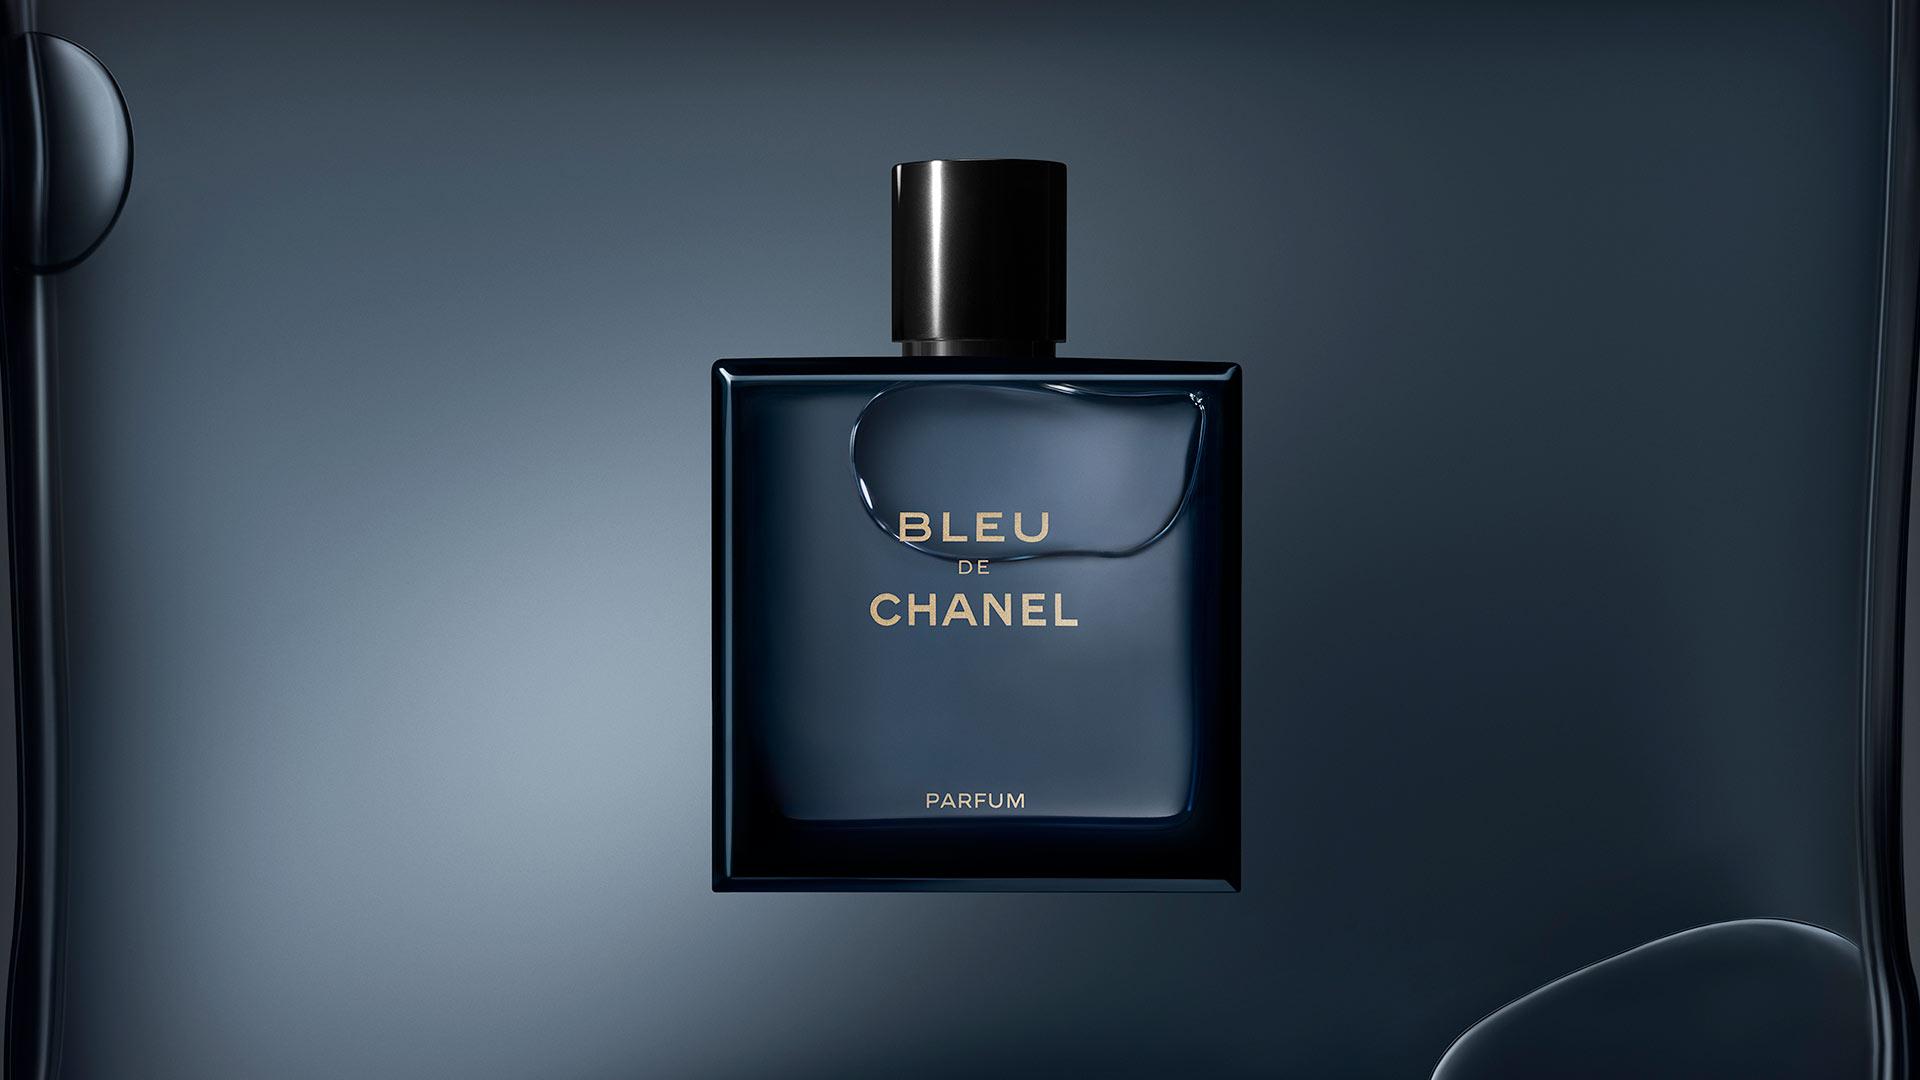 Bleu de Chanel Parfum Chanel Colonia - una nuevo fragancia